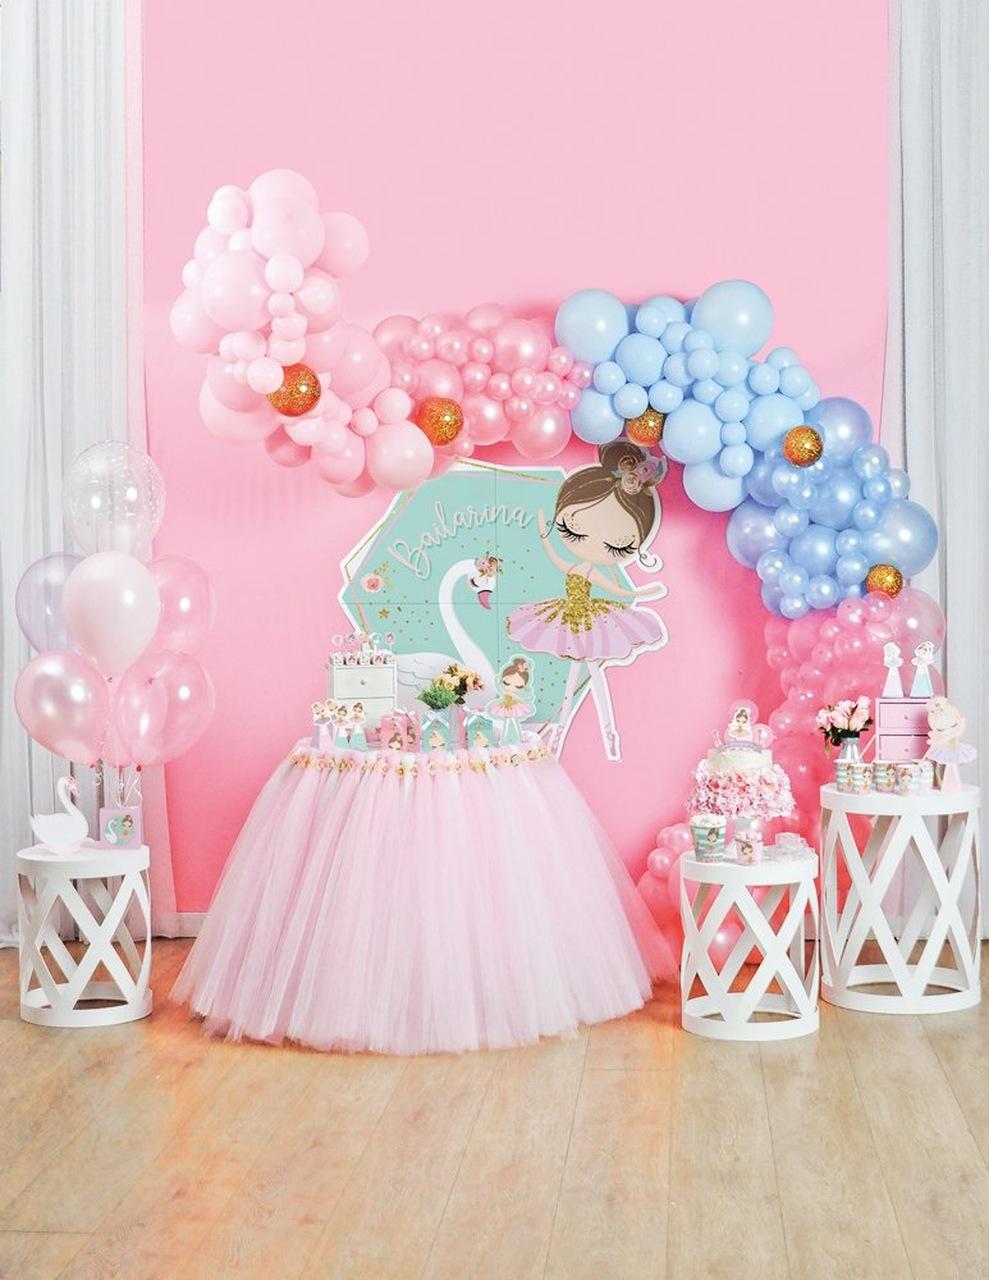 Faixa Decorativa Bailarina